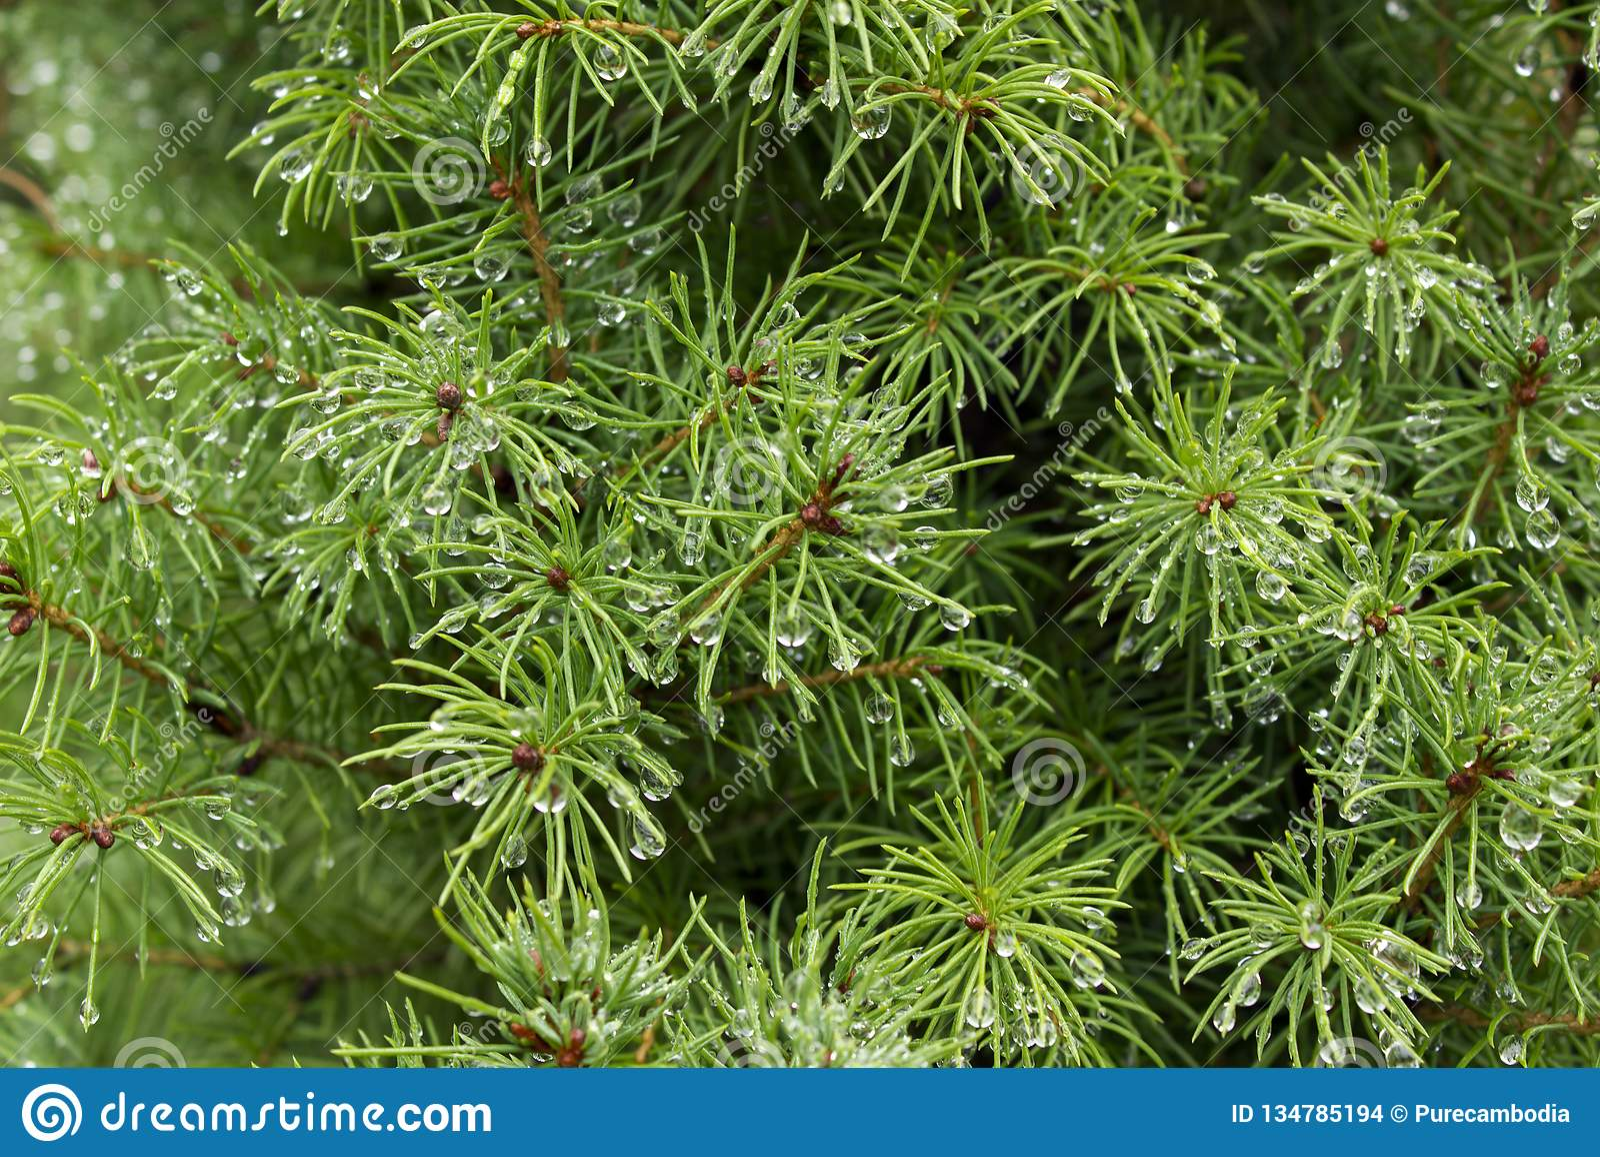 Schöner grüner Fichtenzweig mit Regentropfenhintergrund